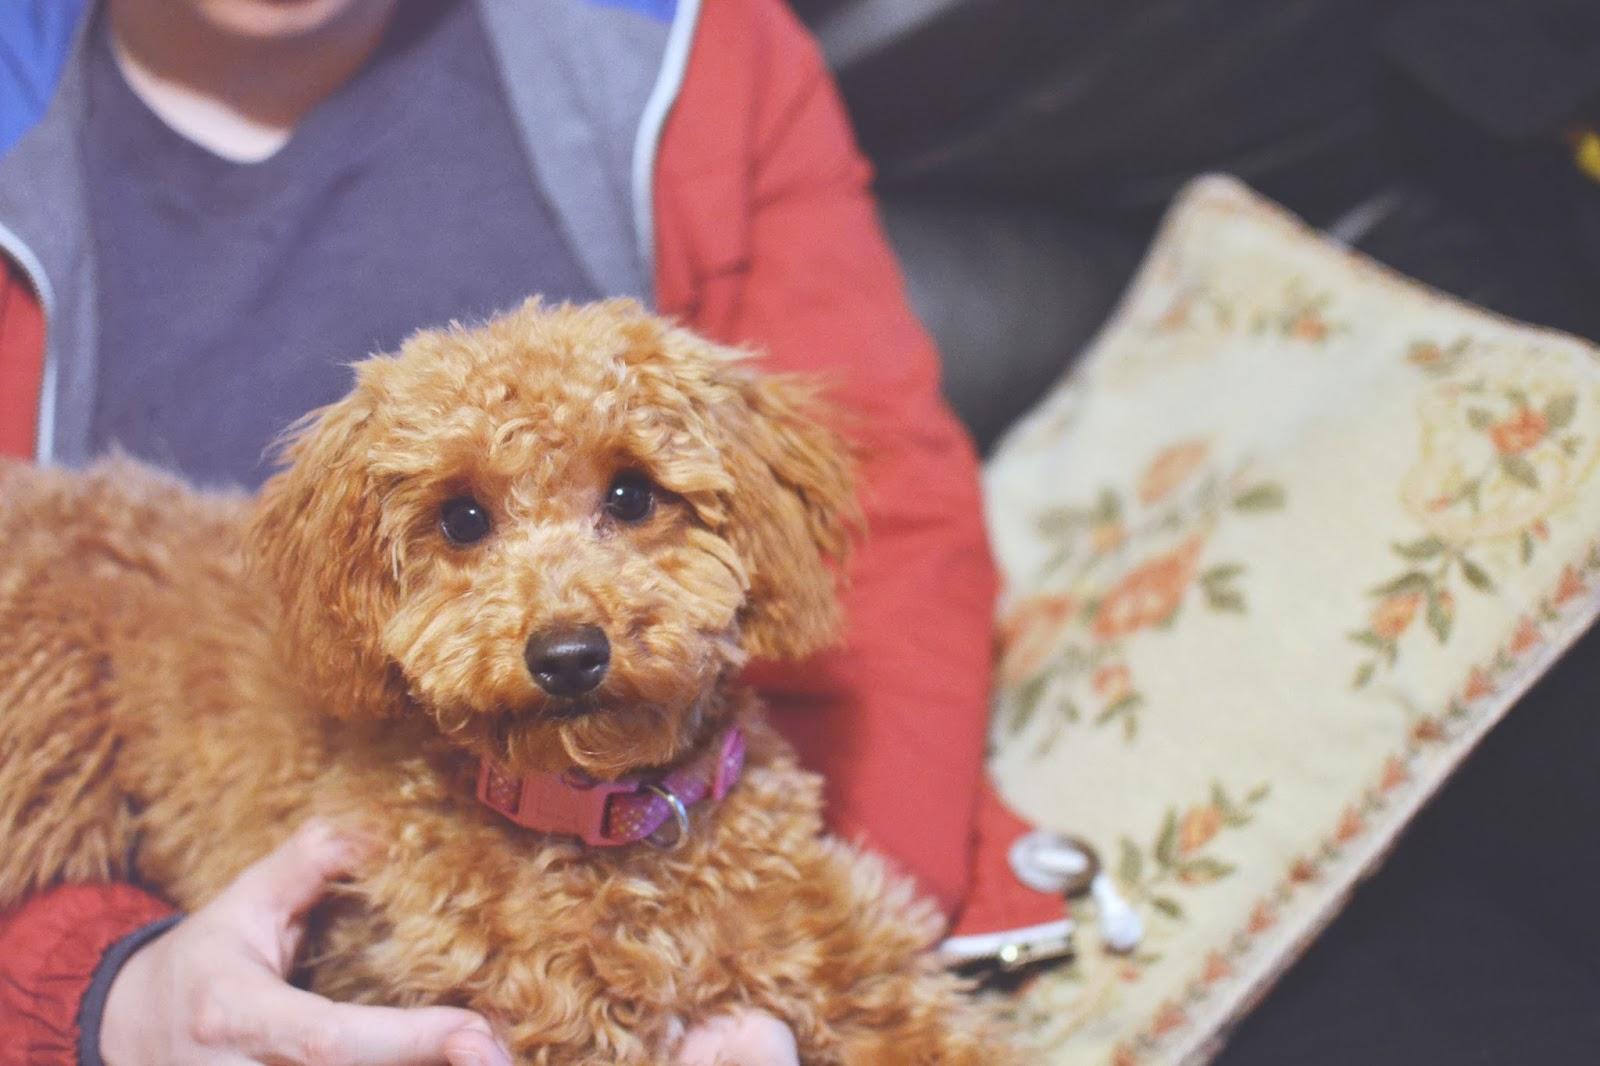 Miniature poodle, toy poodle, apricot poodle